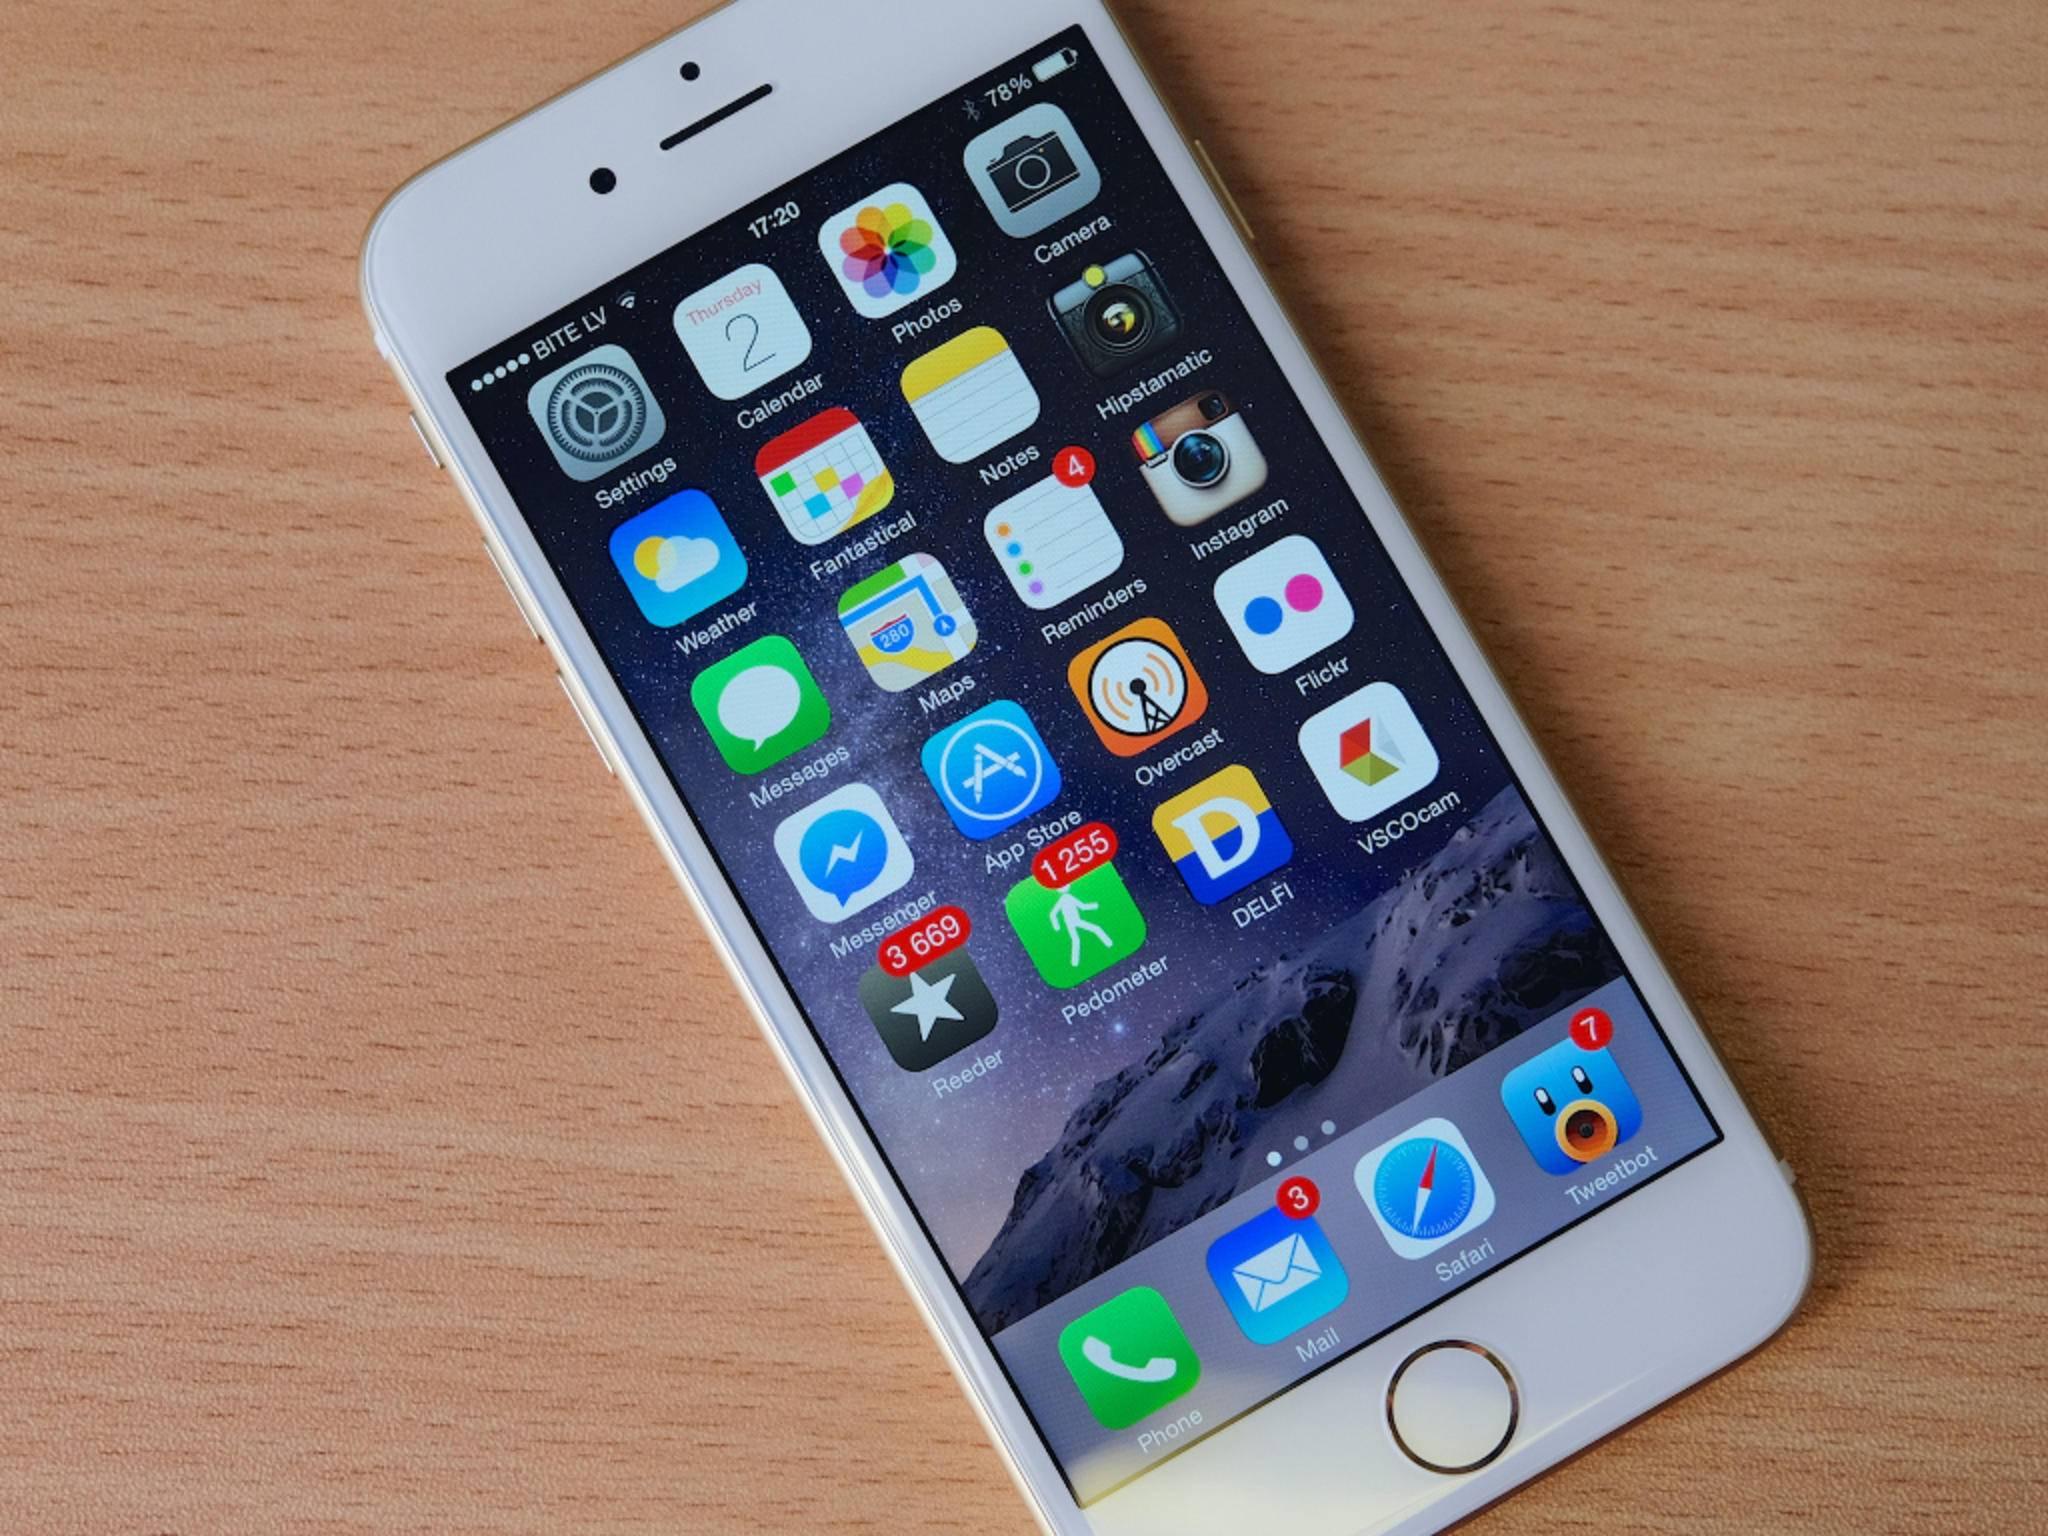 iphone 5 kein sms ton mehr